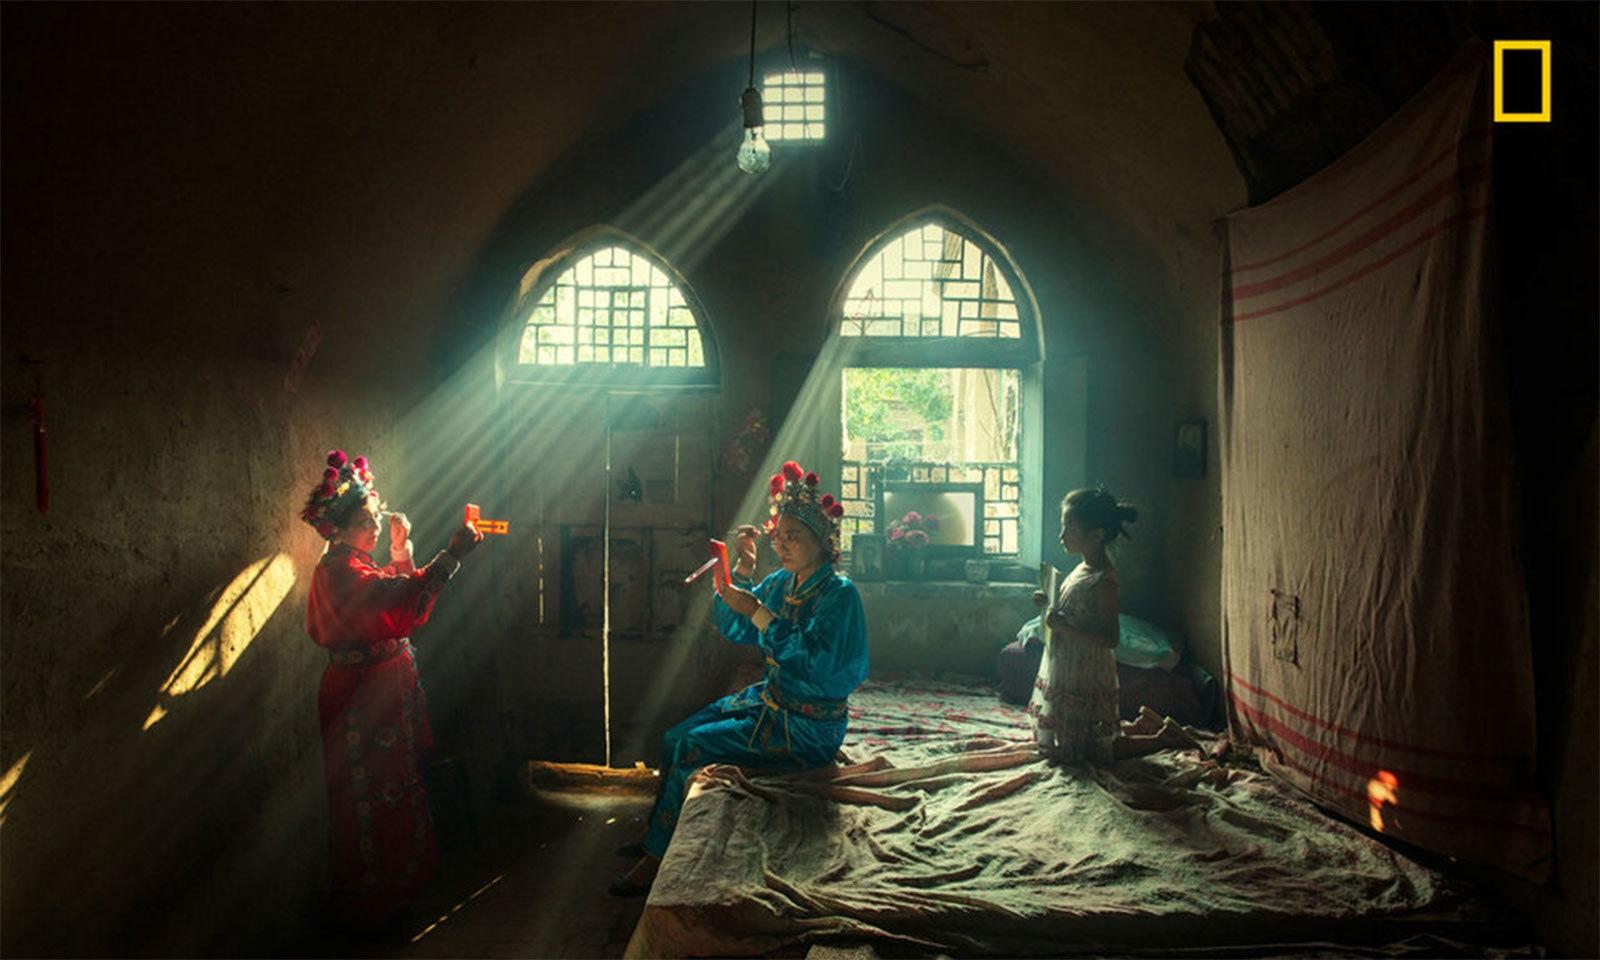 فوٹو بشکریہ ہوئی فینگ لی/ نیشنل جیوگرافک